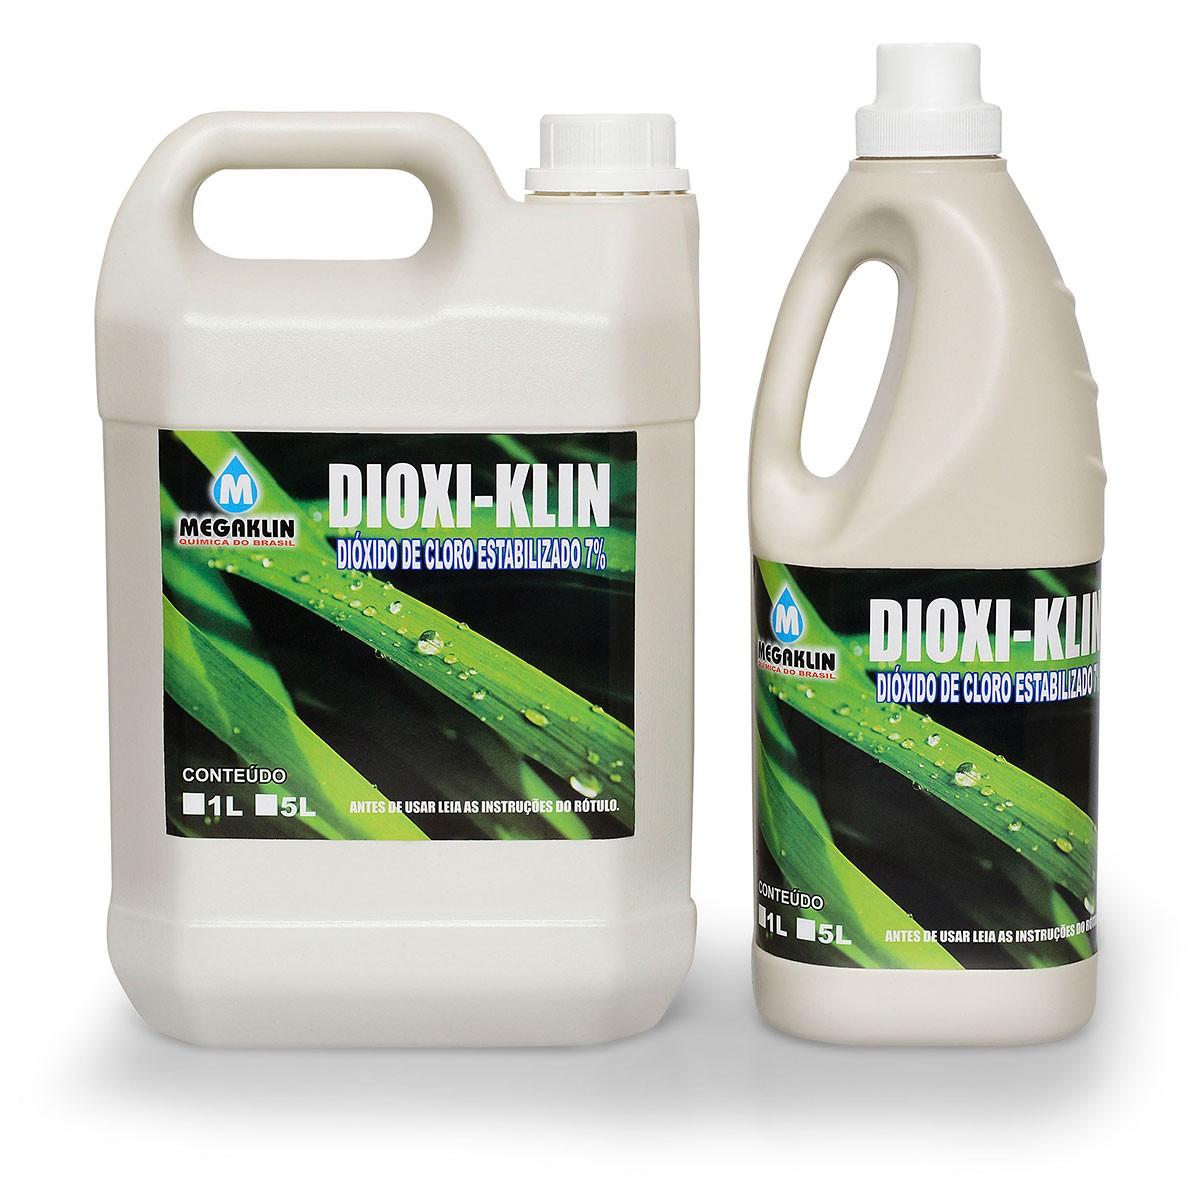 Dióxido de Cloro Estabilizado 7% Dioxi-Klin Megaklin